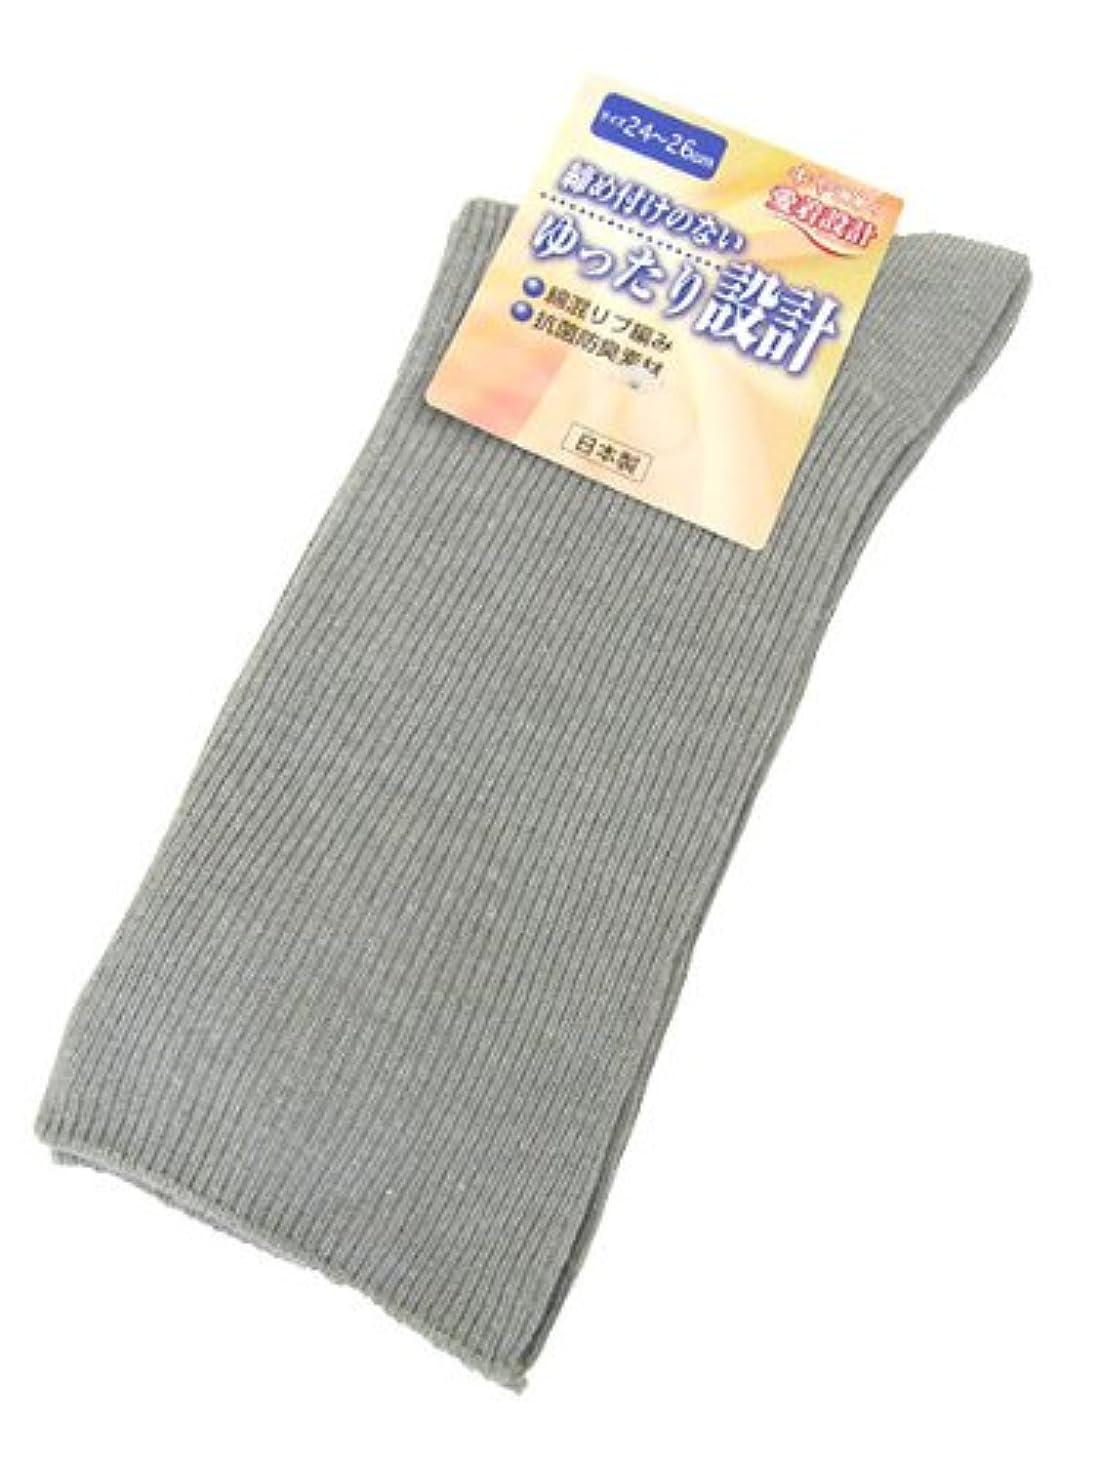 心から雑草ネットゆったり設計ソックス綿混リブ 紳士用 ライトグレー